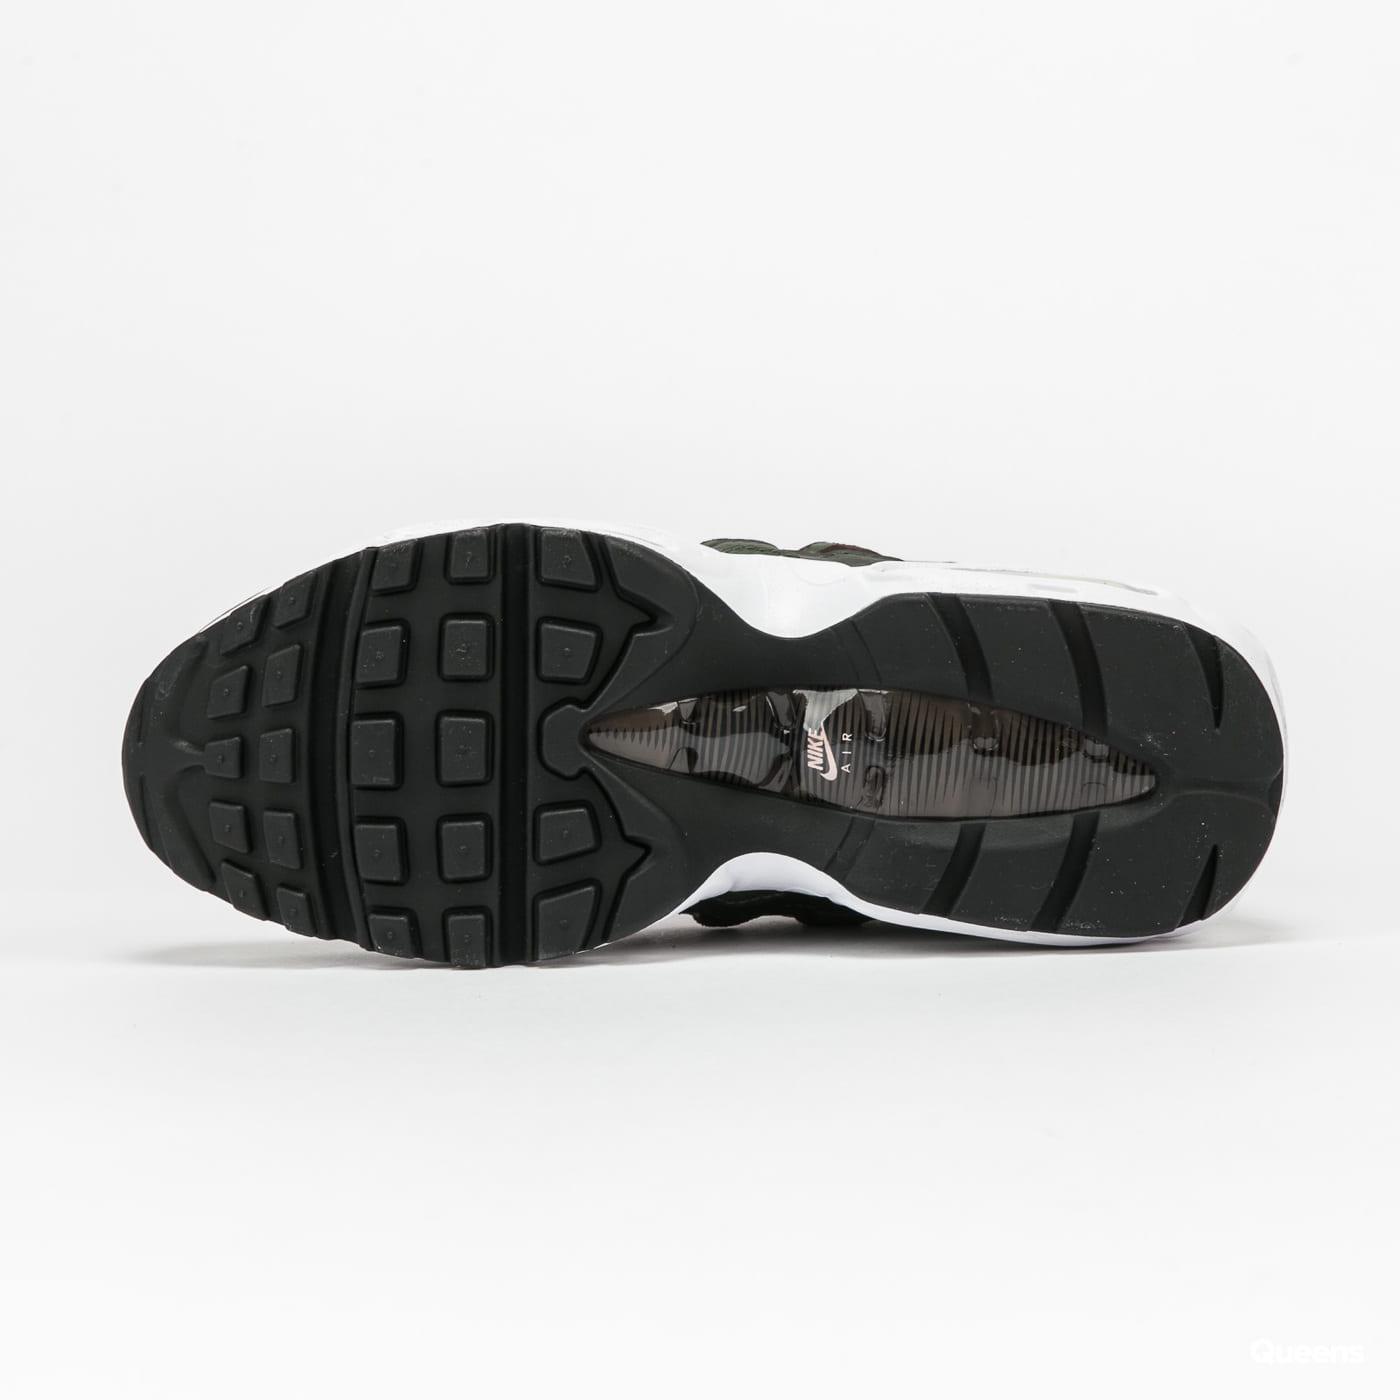 Nike WMNS Air Max 95 brown basalt / black - sequoia